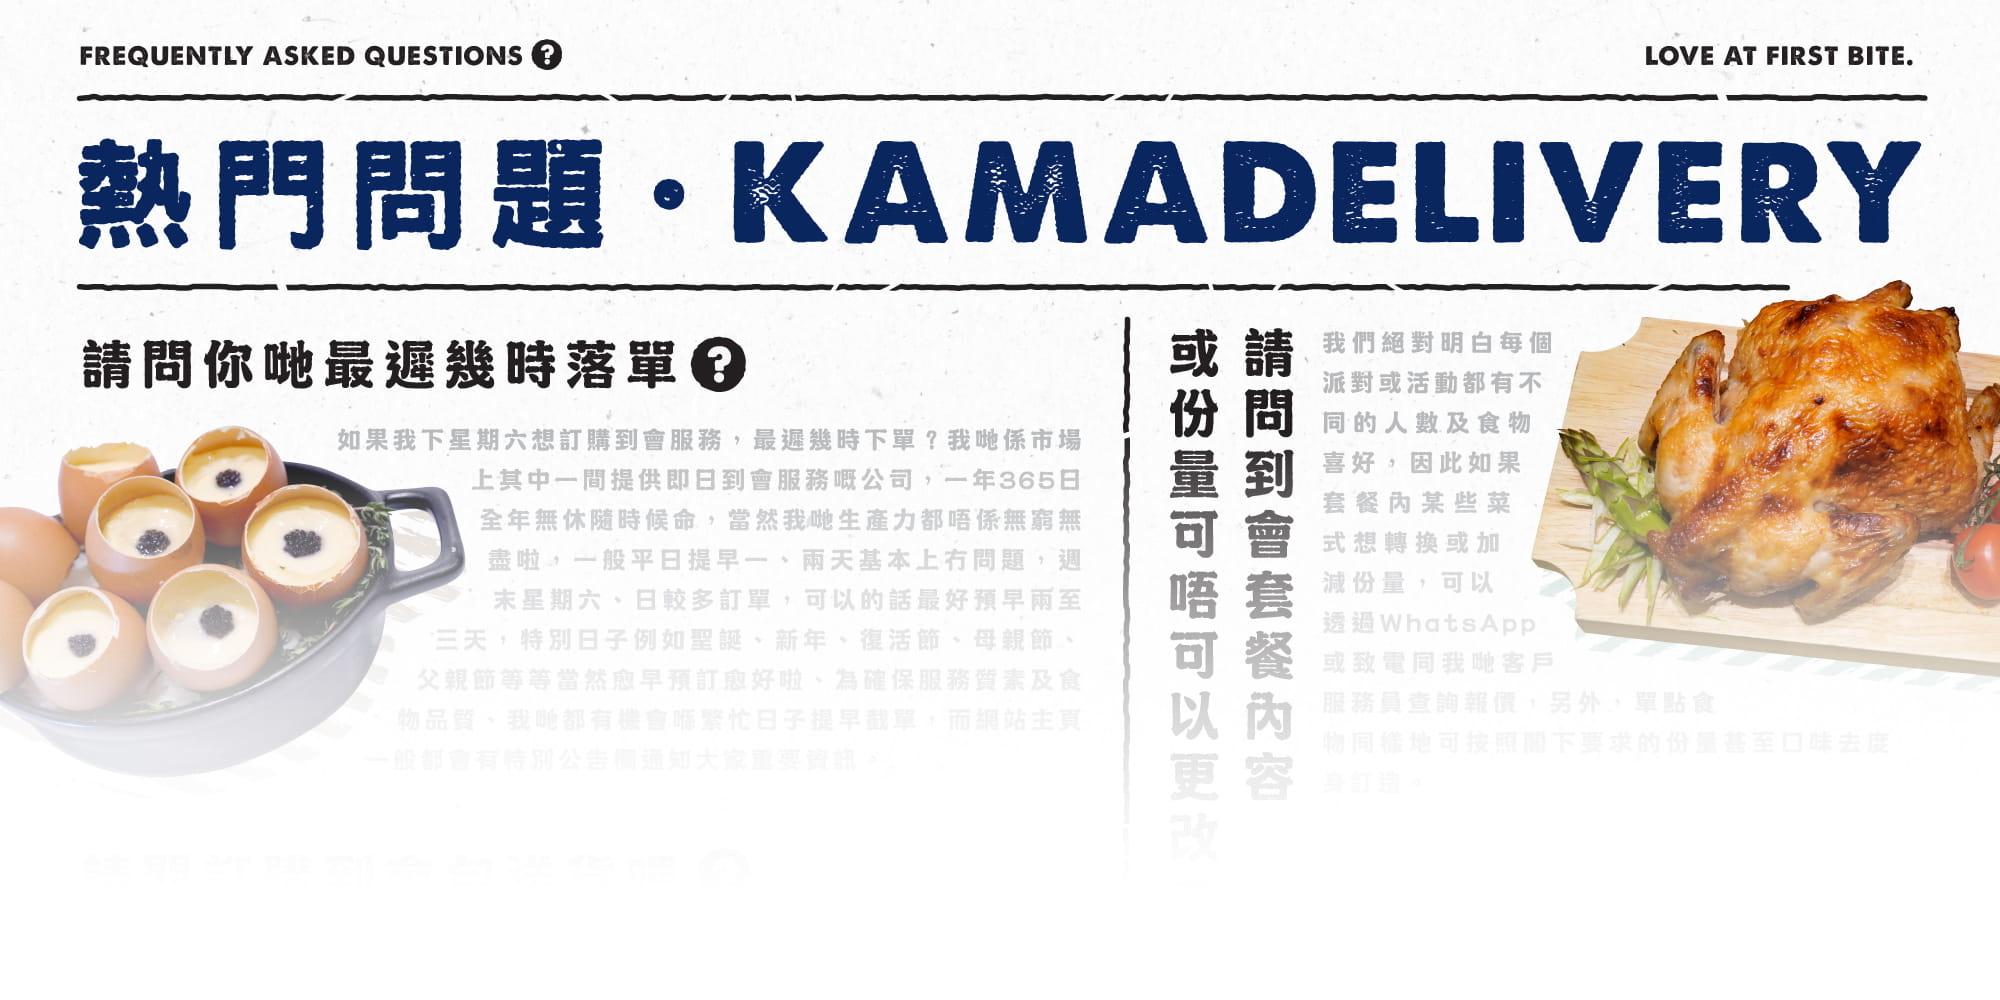 有關訂購Kama Delivery到會外賣服務熱門的常見問題